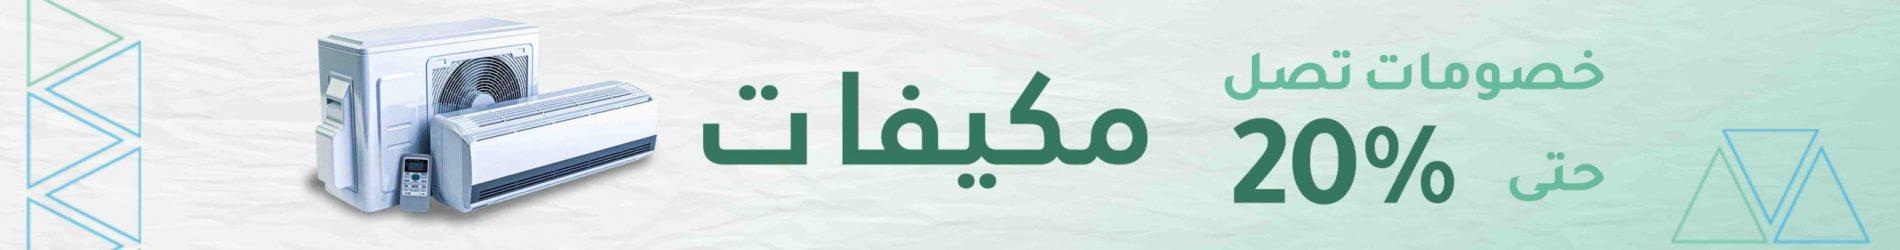 sunb-mukayifat-min (1)